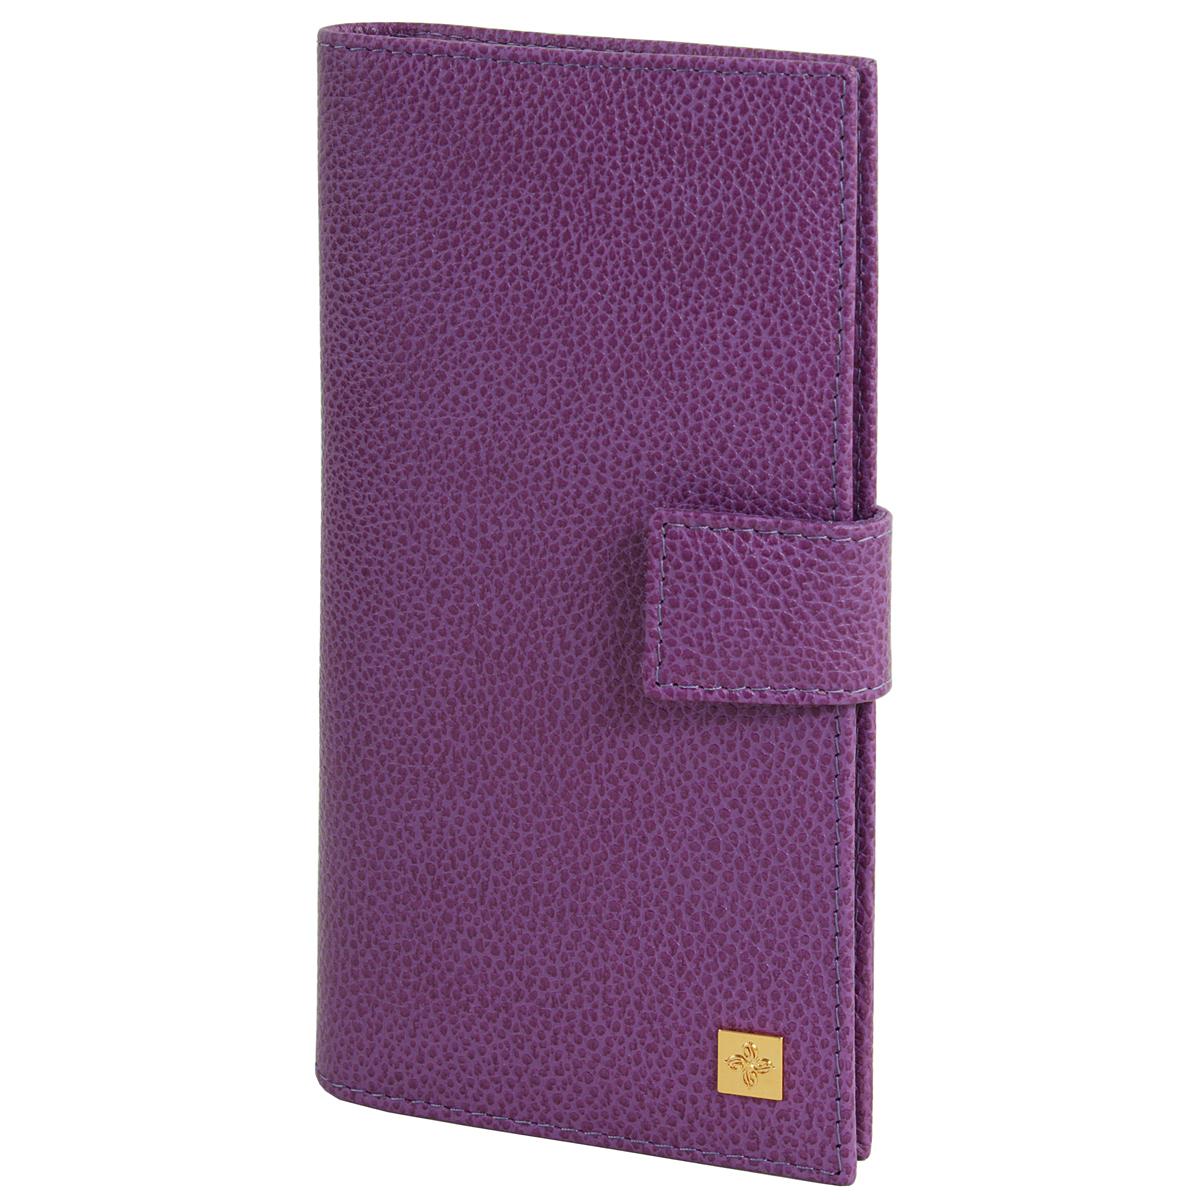 Портмоне женское Optima Dimanche Purpur, цвет: пурпурный. 107107Стильное женское портмоне Optima выполнено из высококачественной натуральной кожи с тиснением. Портмоне закрывается при помощи хлястика на кнопку. Внутри - четыре отделения для купюр, одиннадцать кармашков для визиток, карман на молнии для монет и два кармашка для sim-карт. Портмоне упаковано в фирменную картонную коробку.